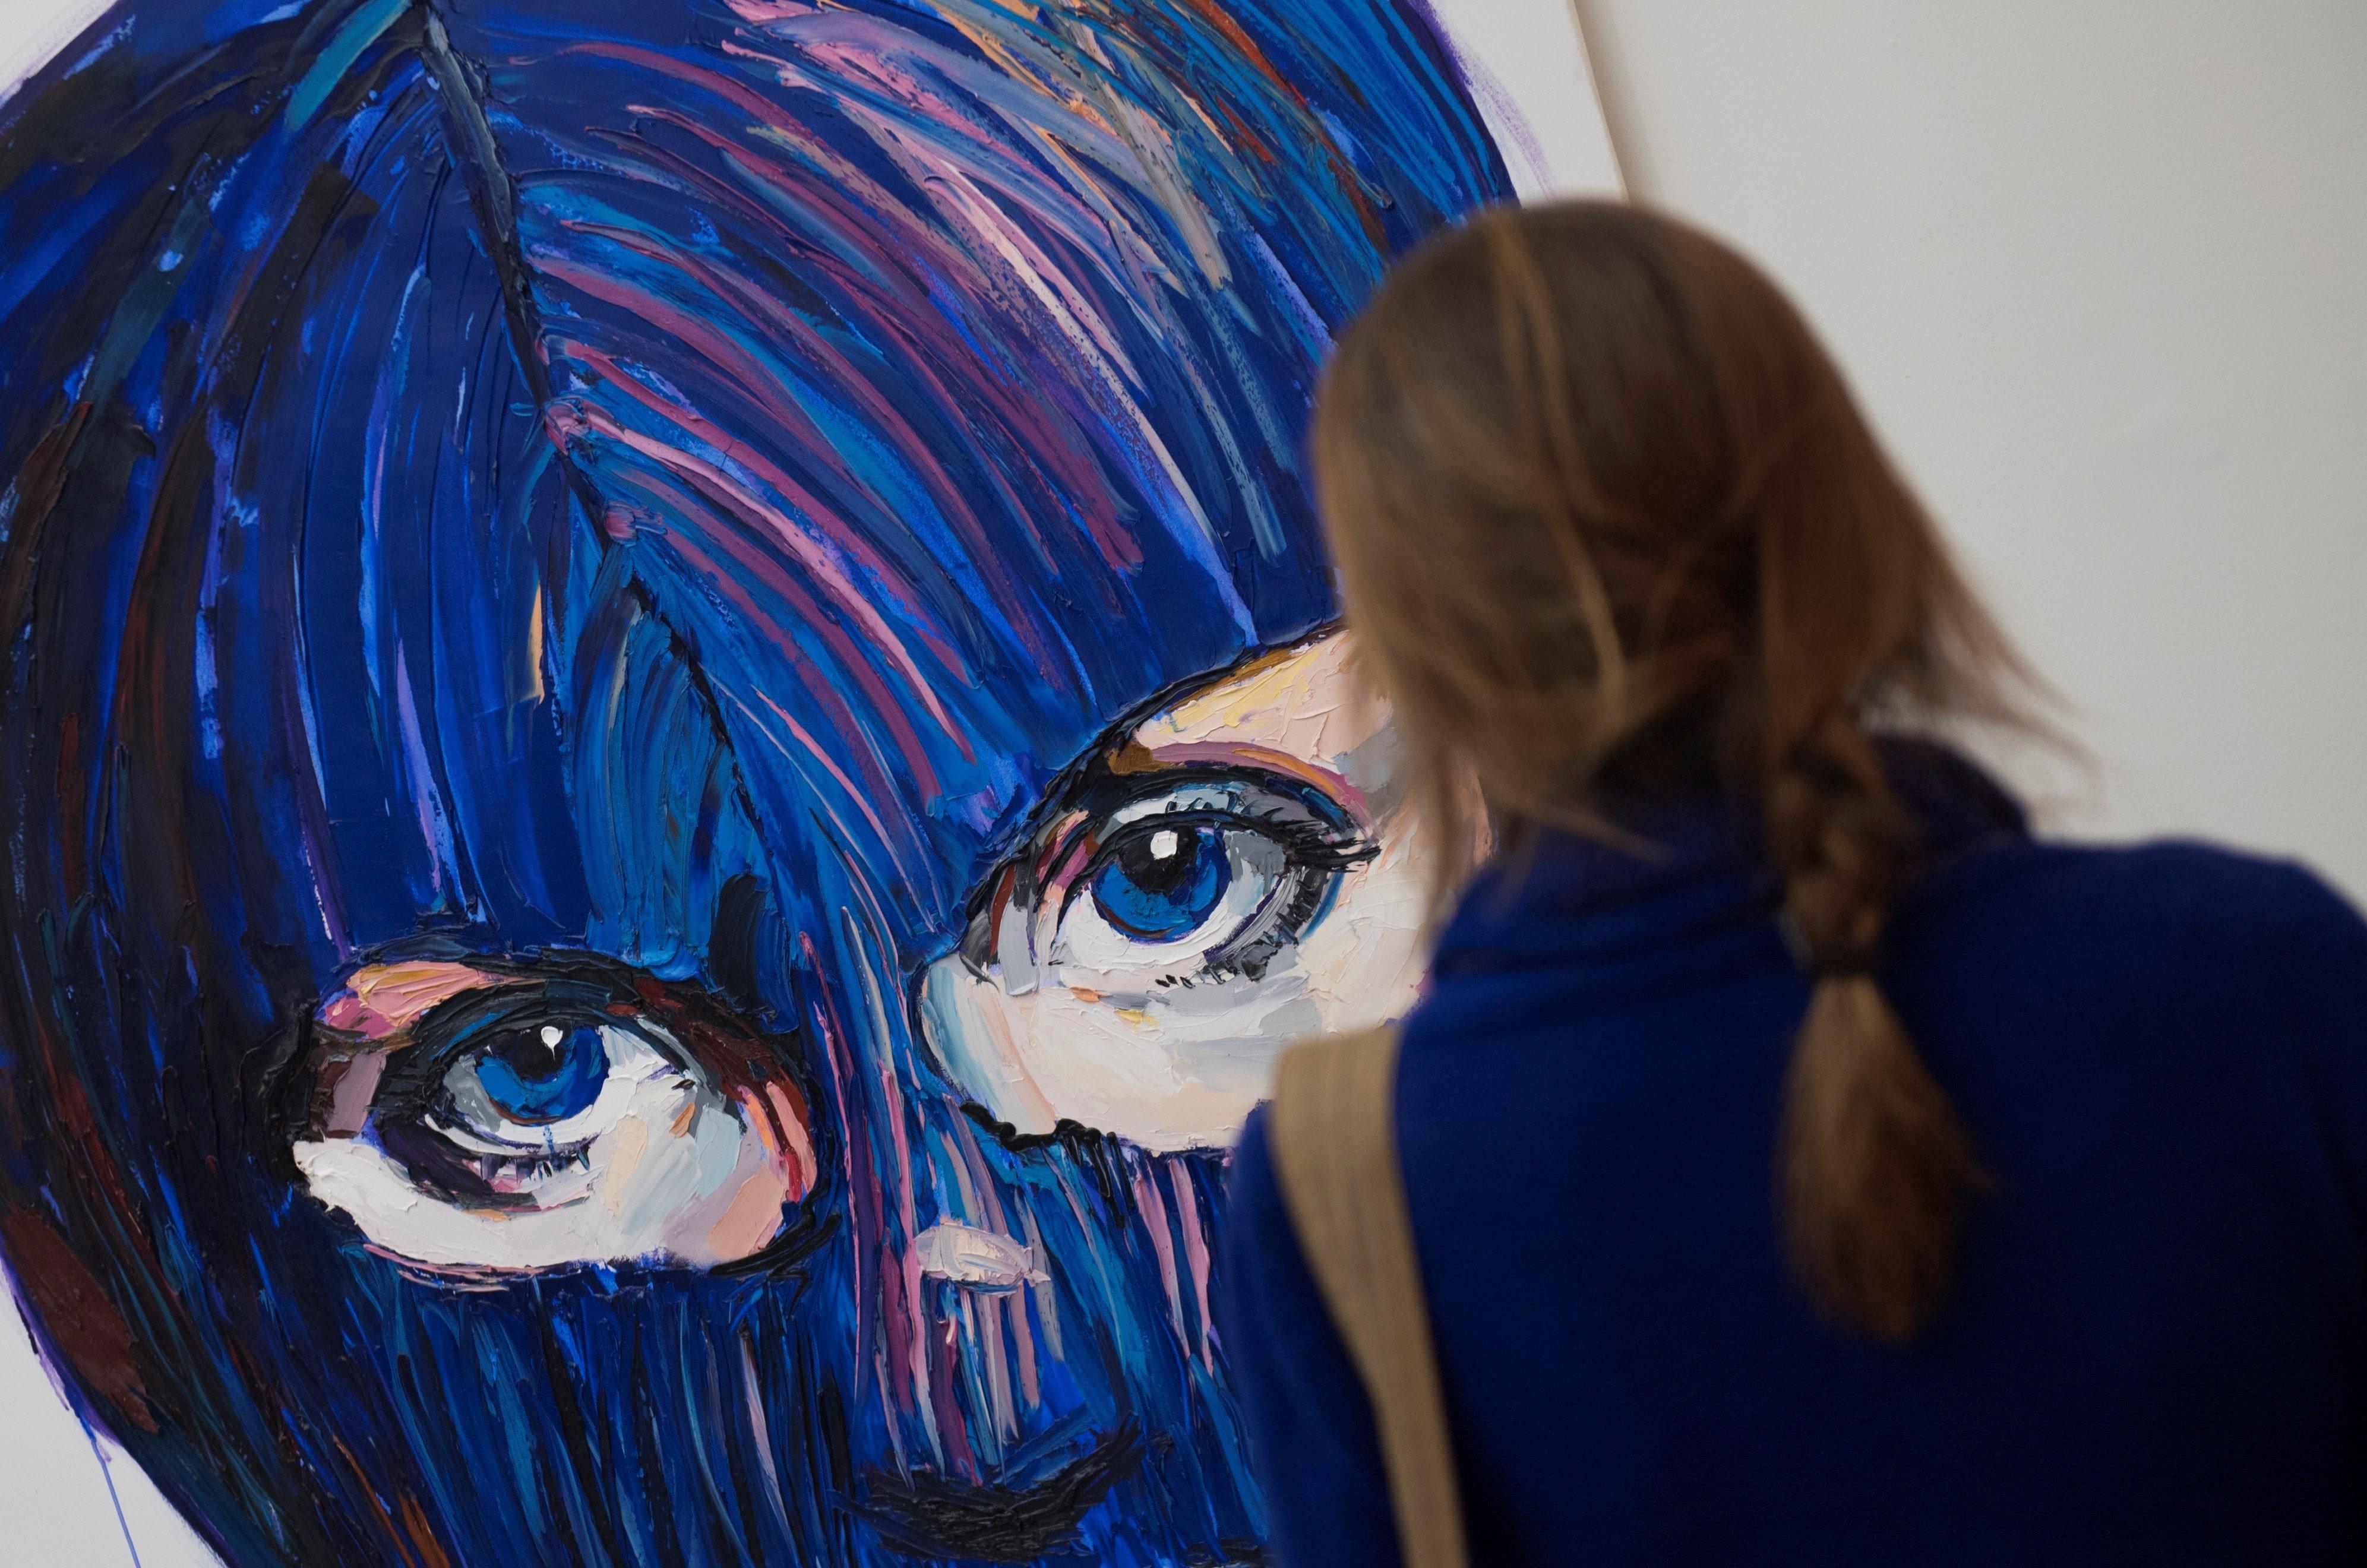 """Una visitant passa al costat d'una obra que representa el grup rus de punk feminista Pussy Riot a l'exposició """"Art Riot: Activisme postsoviètic"""" a la galeria Saatchi del centre de Londres (Regne Unit). /WILL OLIVER"""